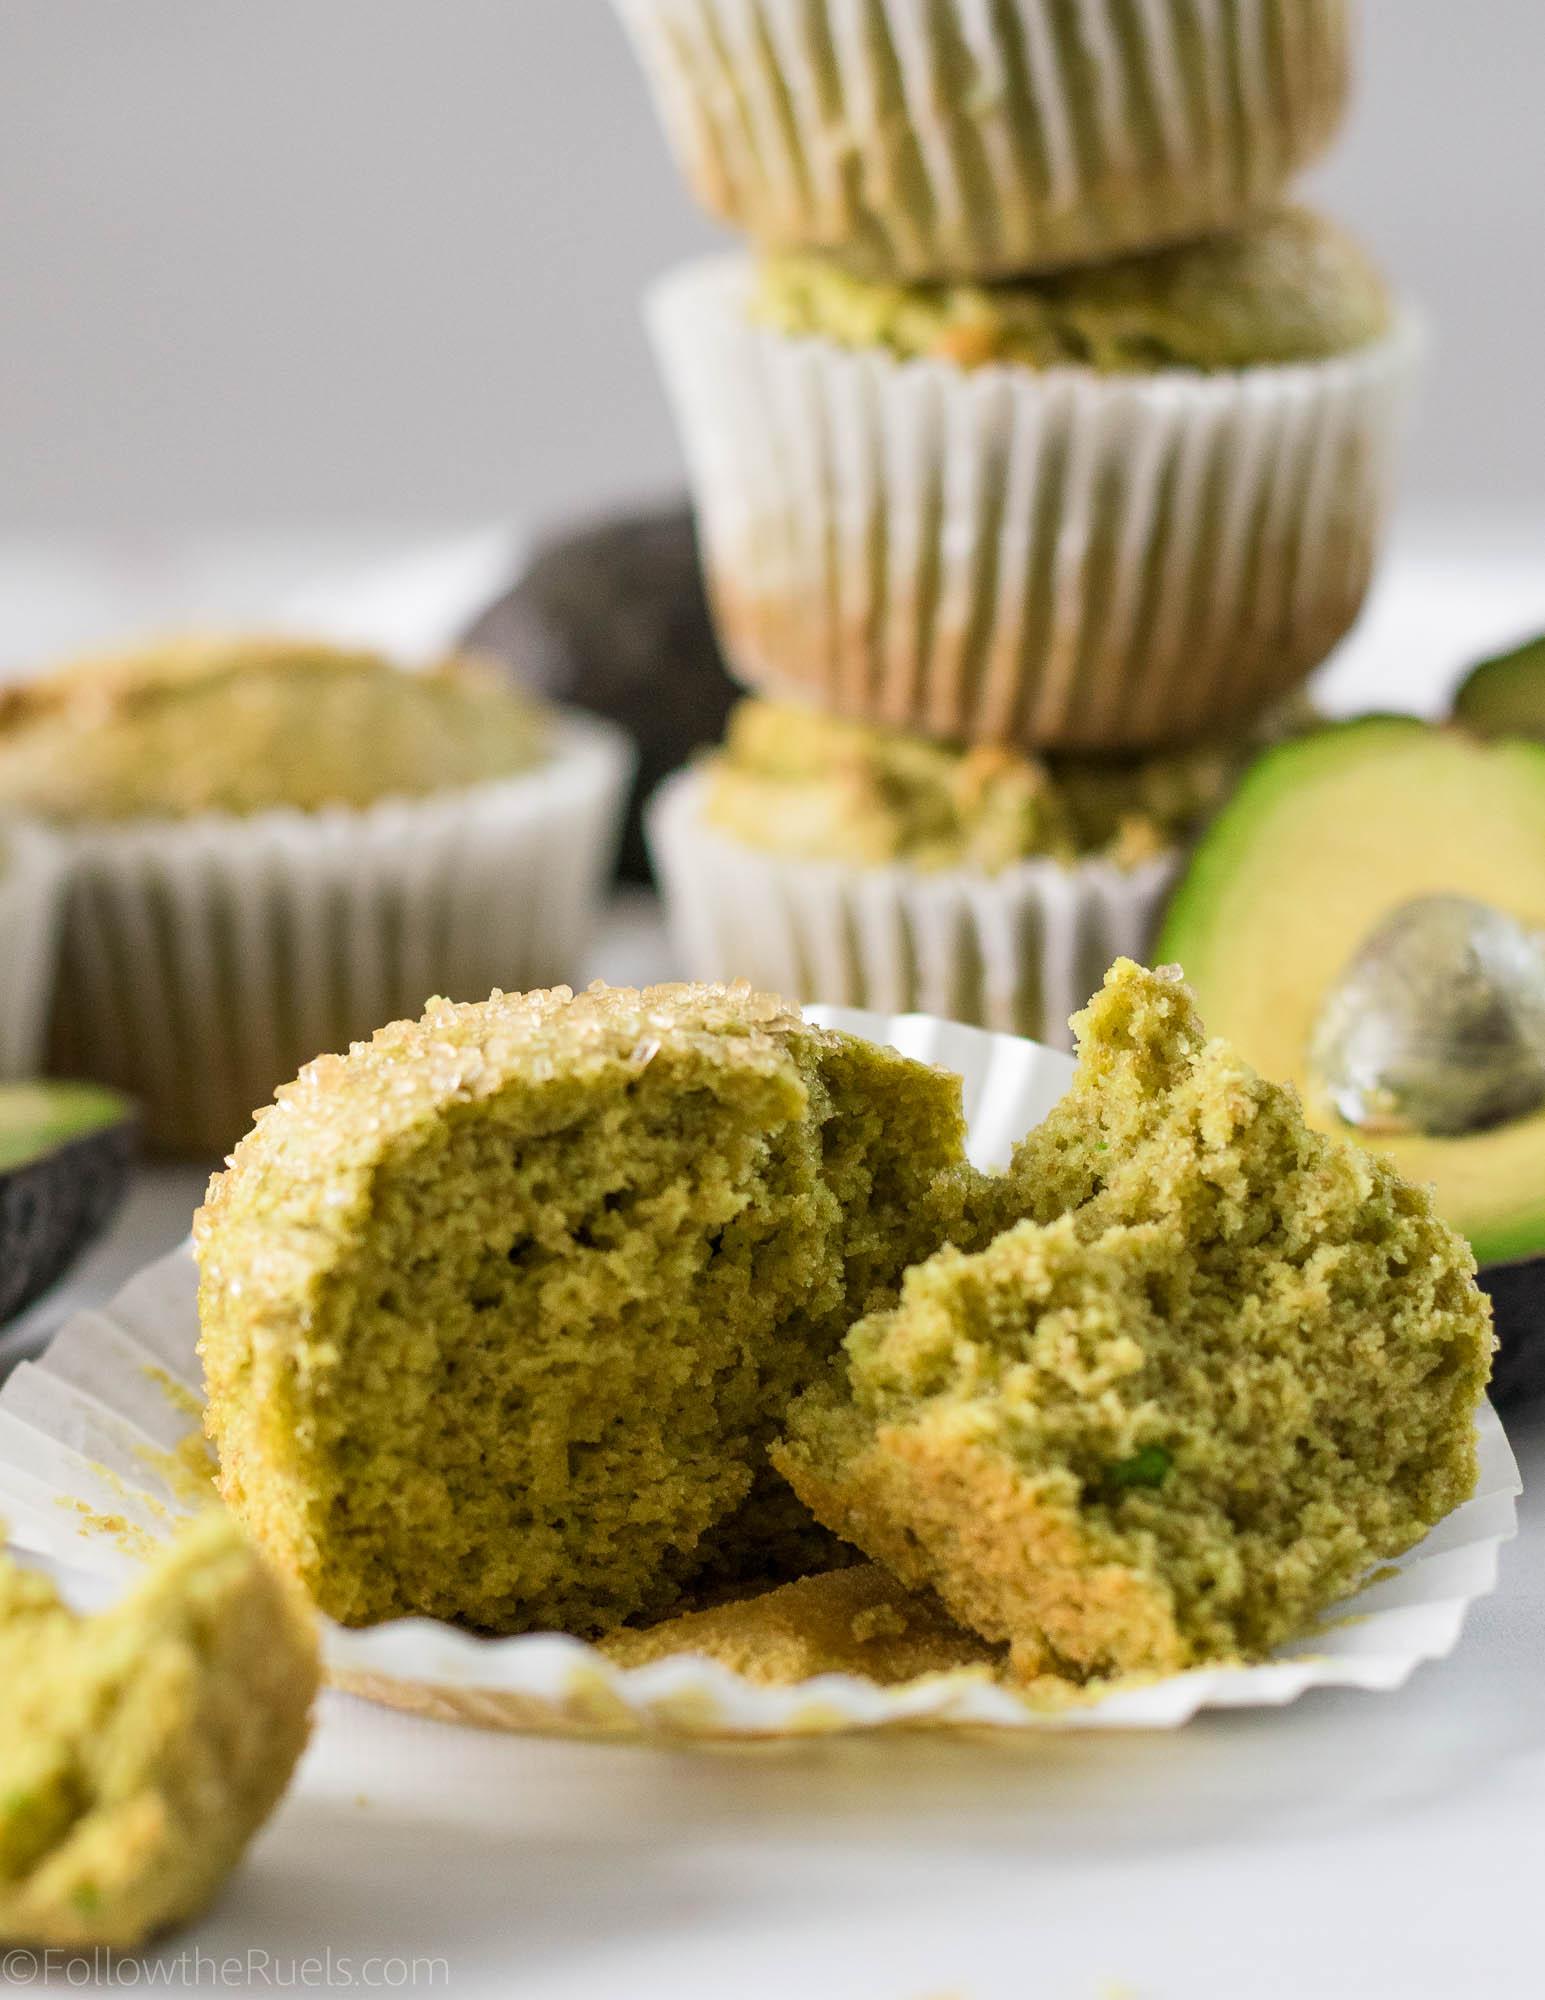 Avocado-Muffins-10.jpg